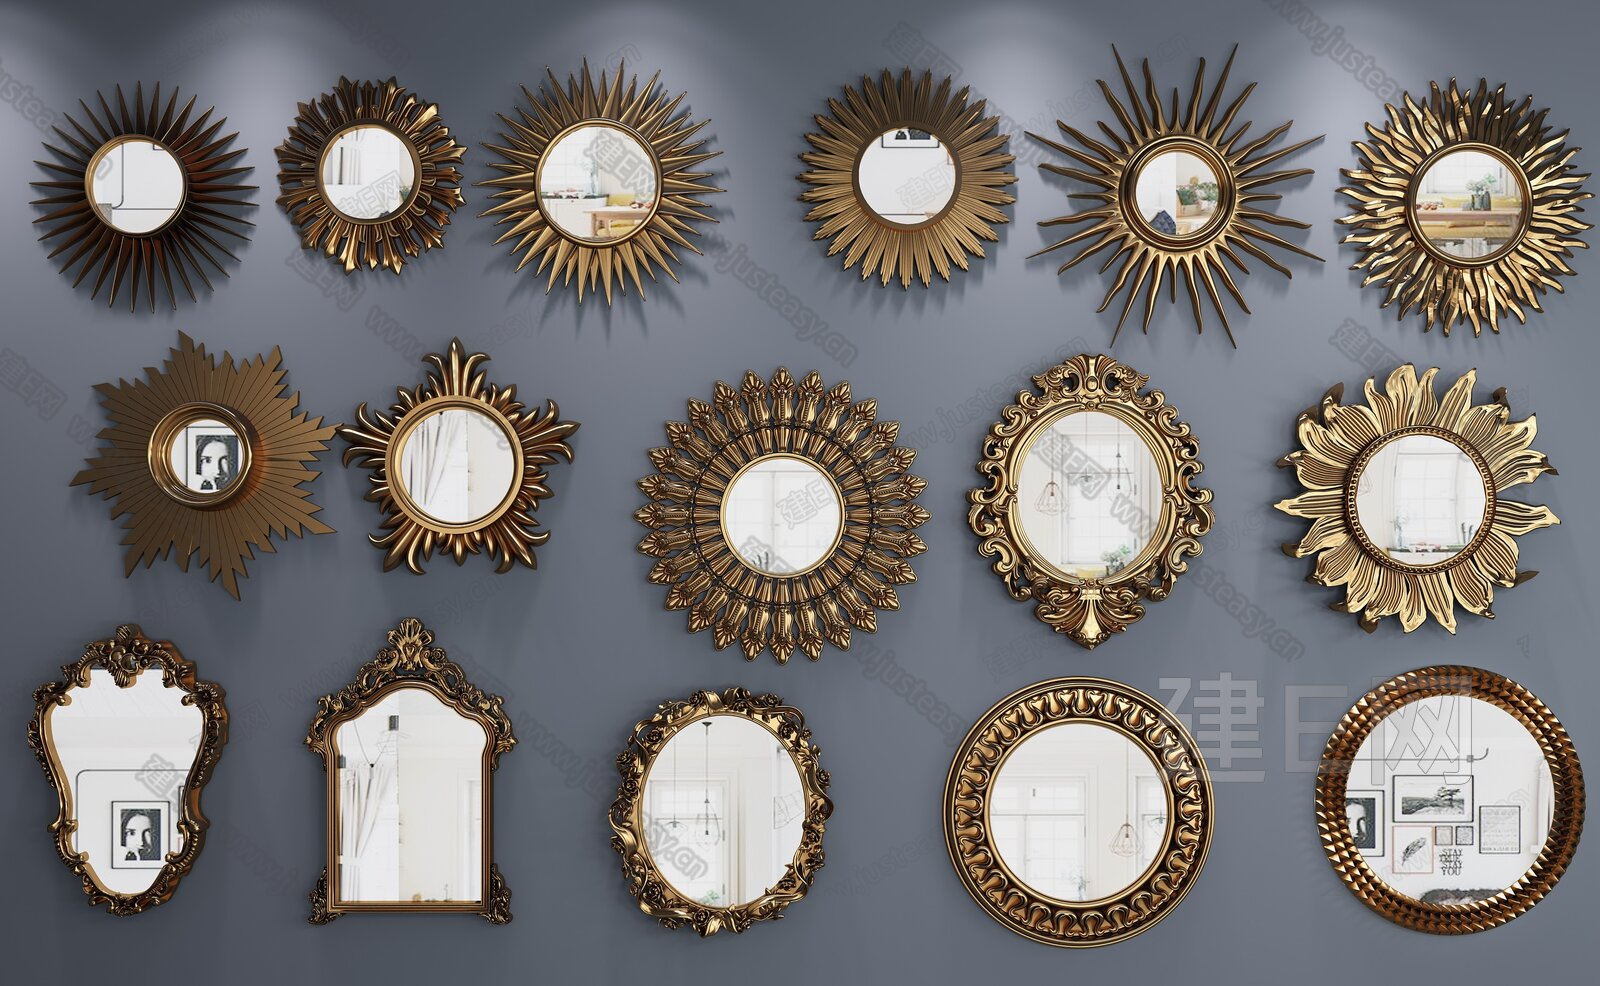 欧式太阳镜装饰镜子组合[模型id:187325]